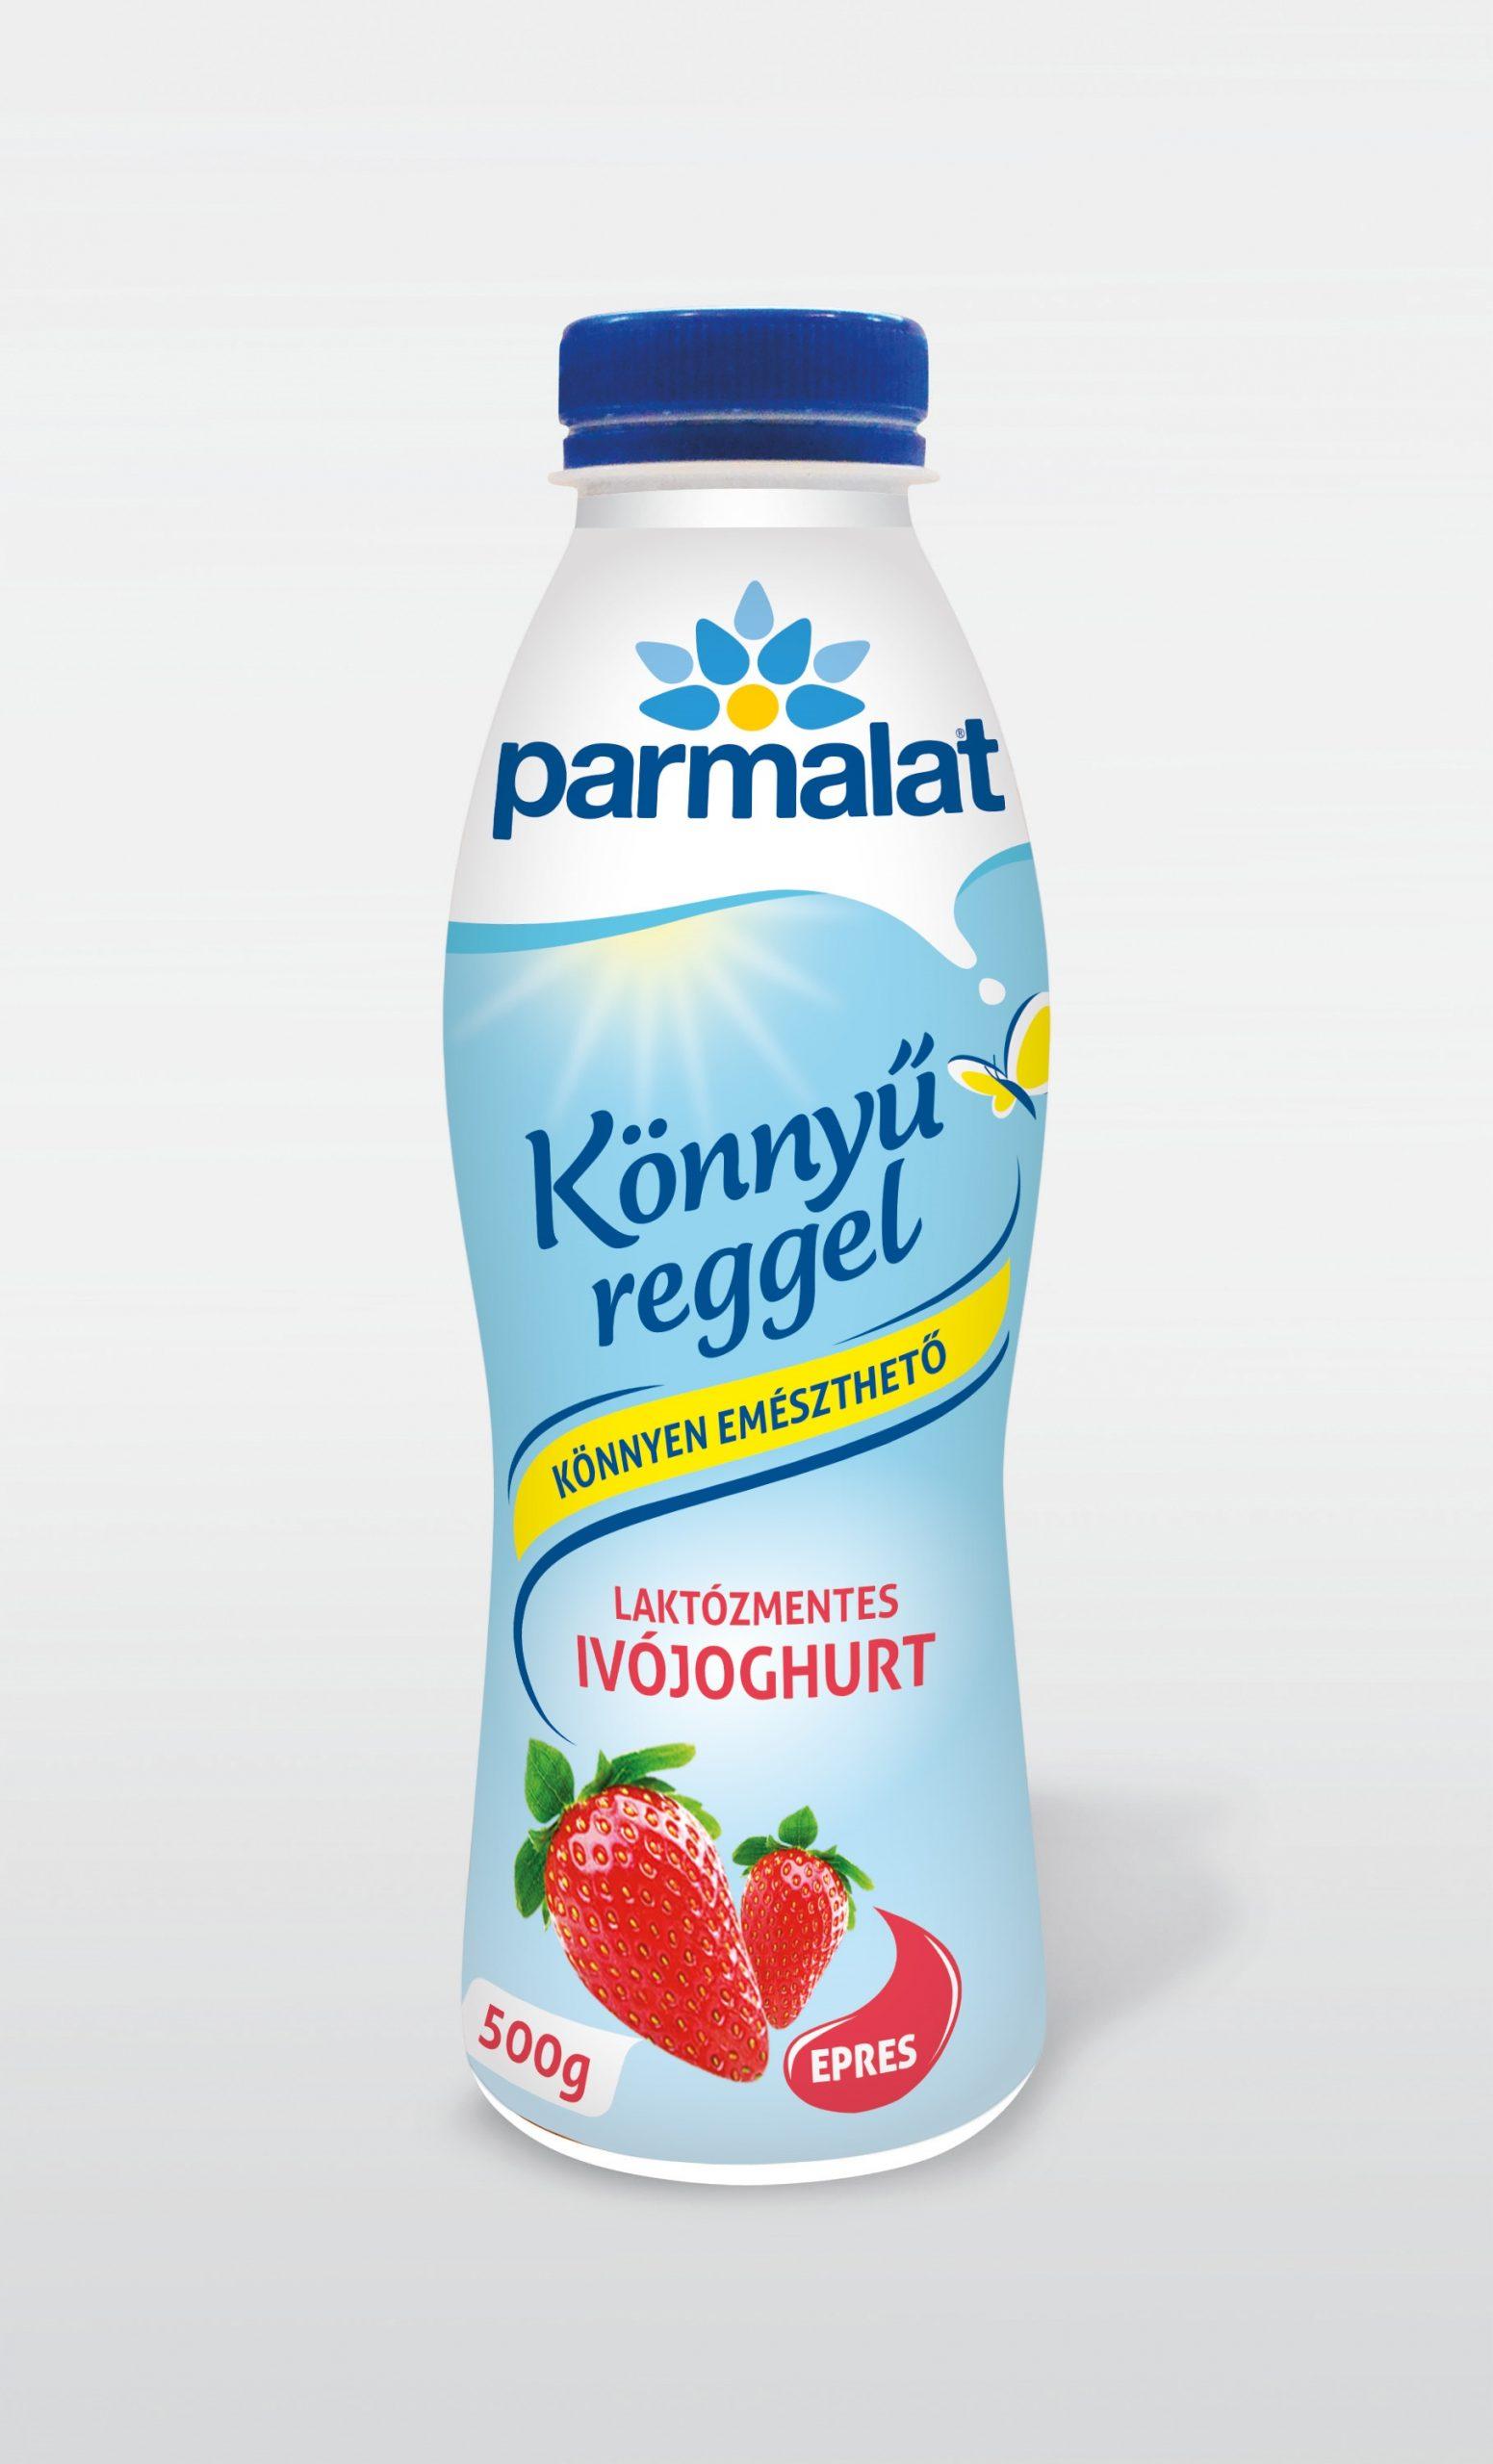 PARMALAT Laktózmentes ivójoghurt 500g